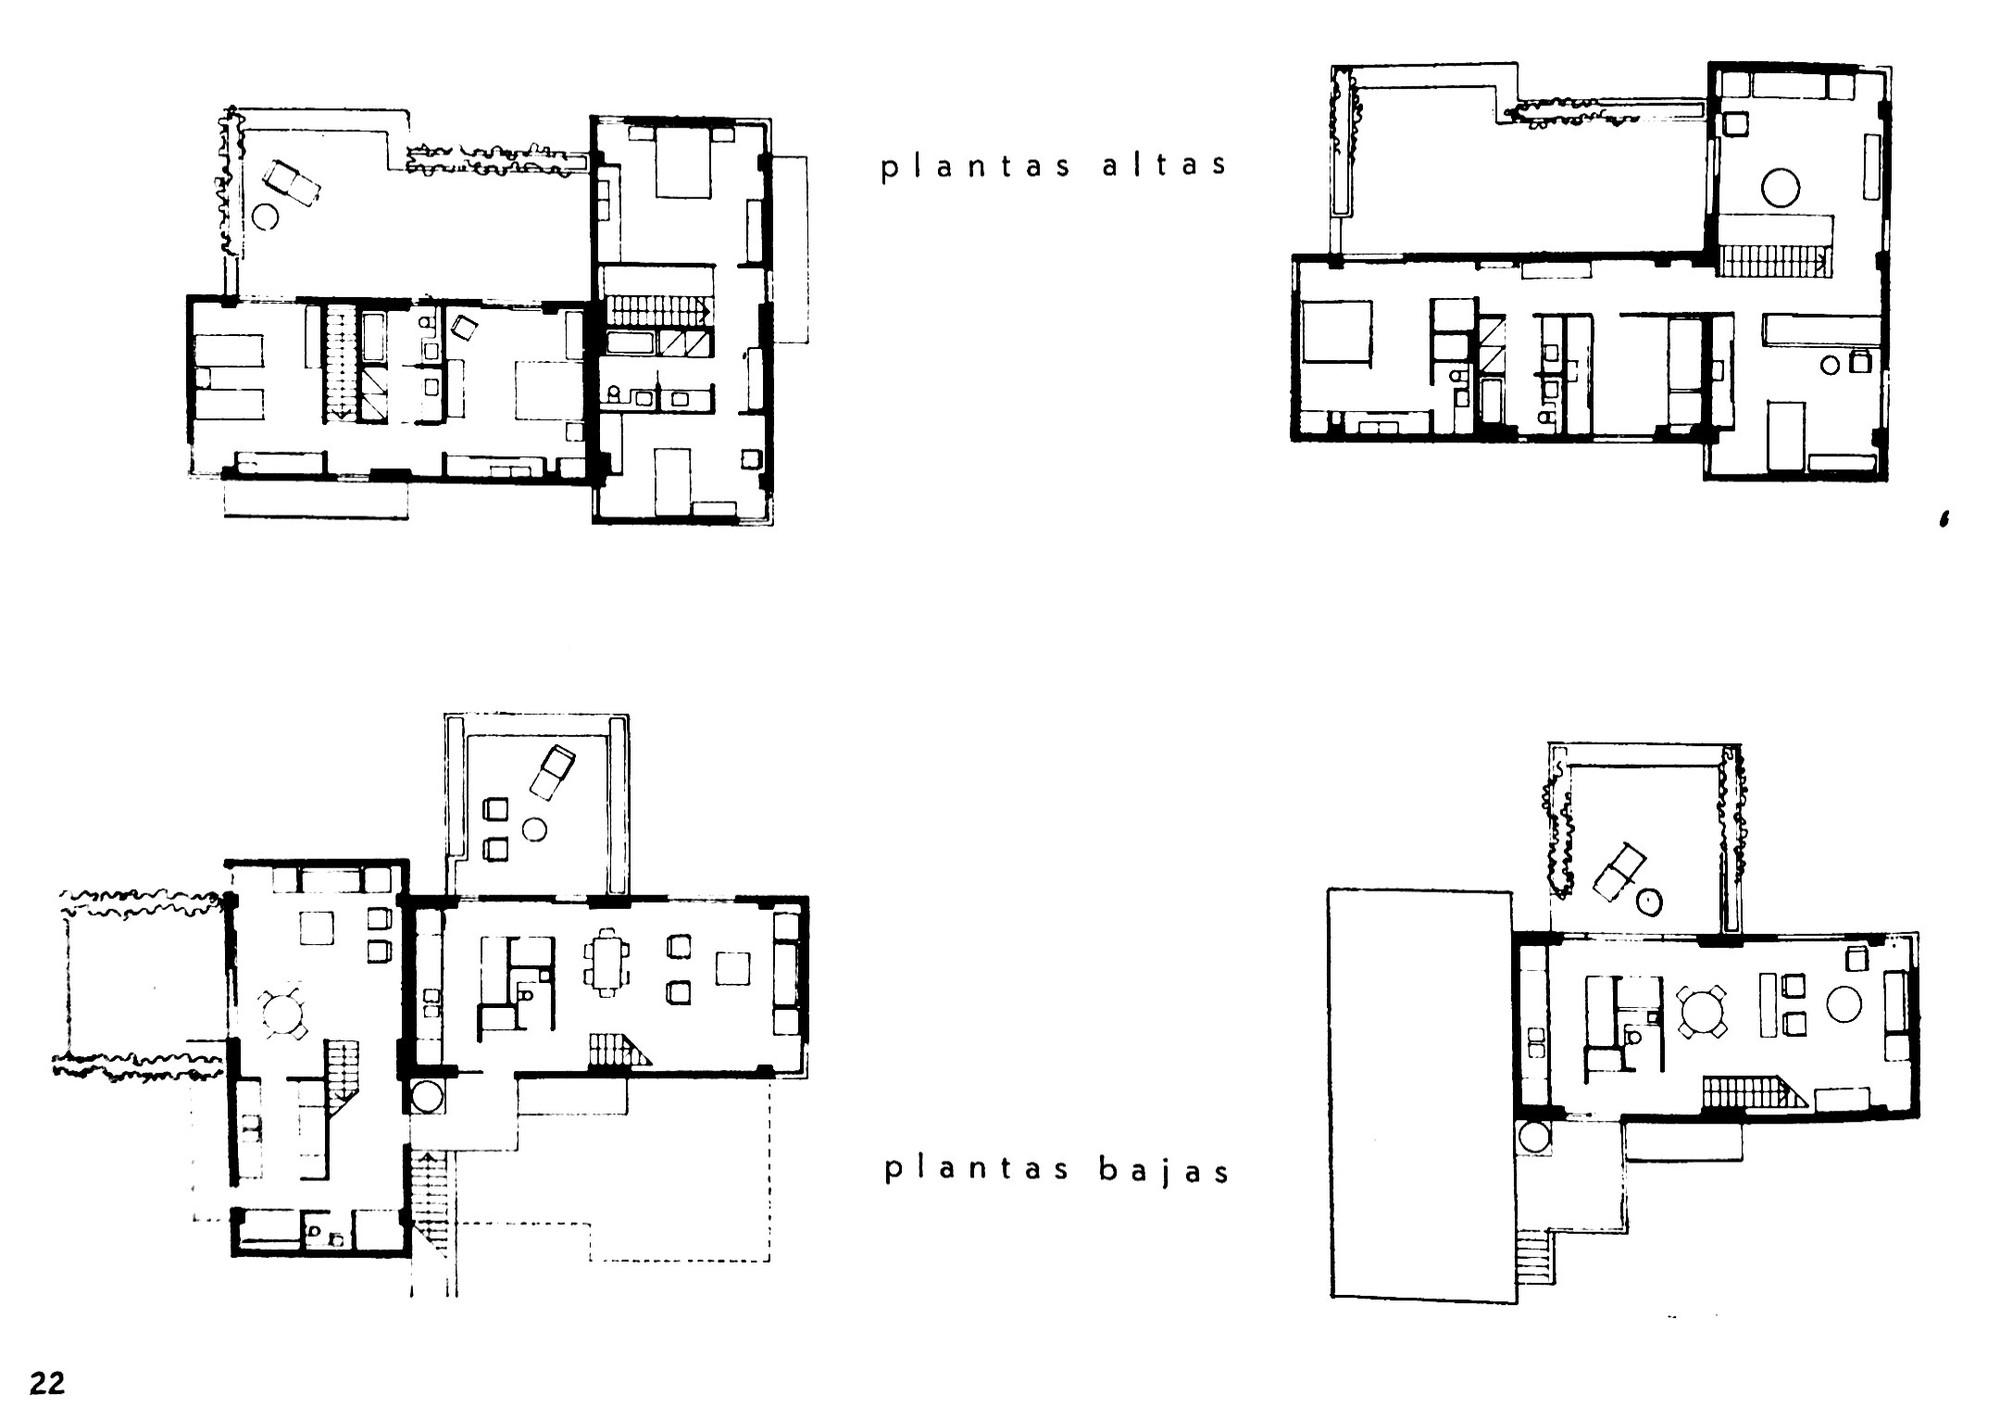 Galeria de cl ssicos da arquitetura h bitat 67 safdie for Planos de arquitectura pdf